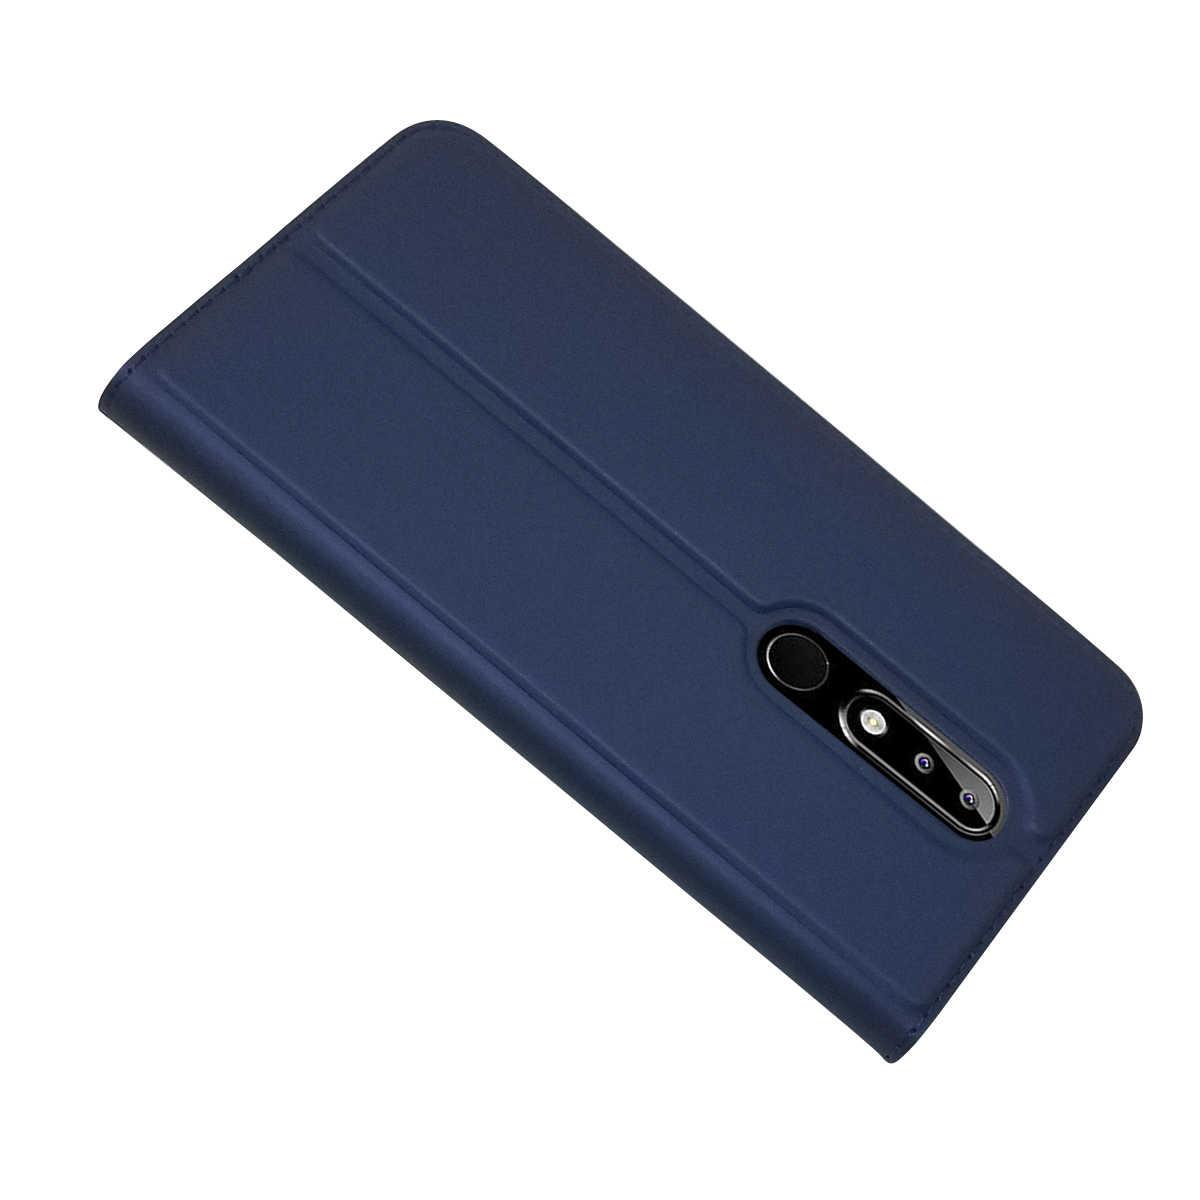 Slim מגנטי מקרה Coque עבור Nokia 5 TA-1053 TA-1024 כיסוי עבור Nokia 5.1 בתוספת X5 TA -1109 מעטפת Fundas נוקיה 5.1 מקרי טלפון